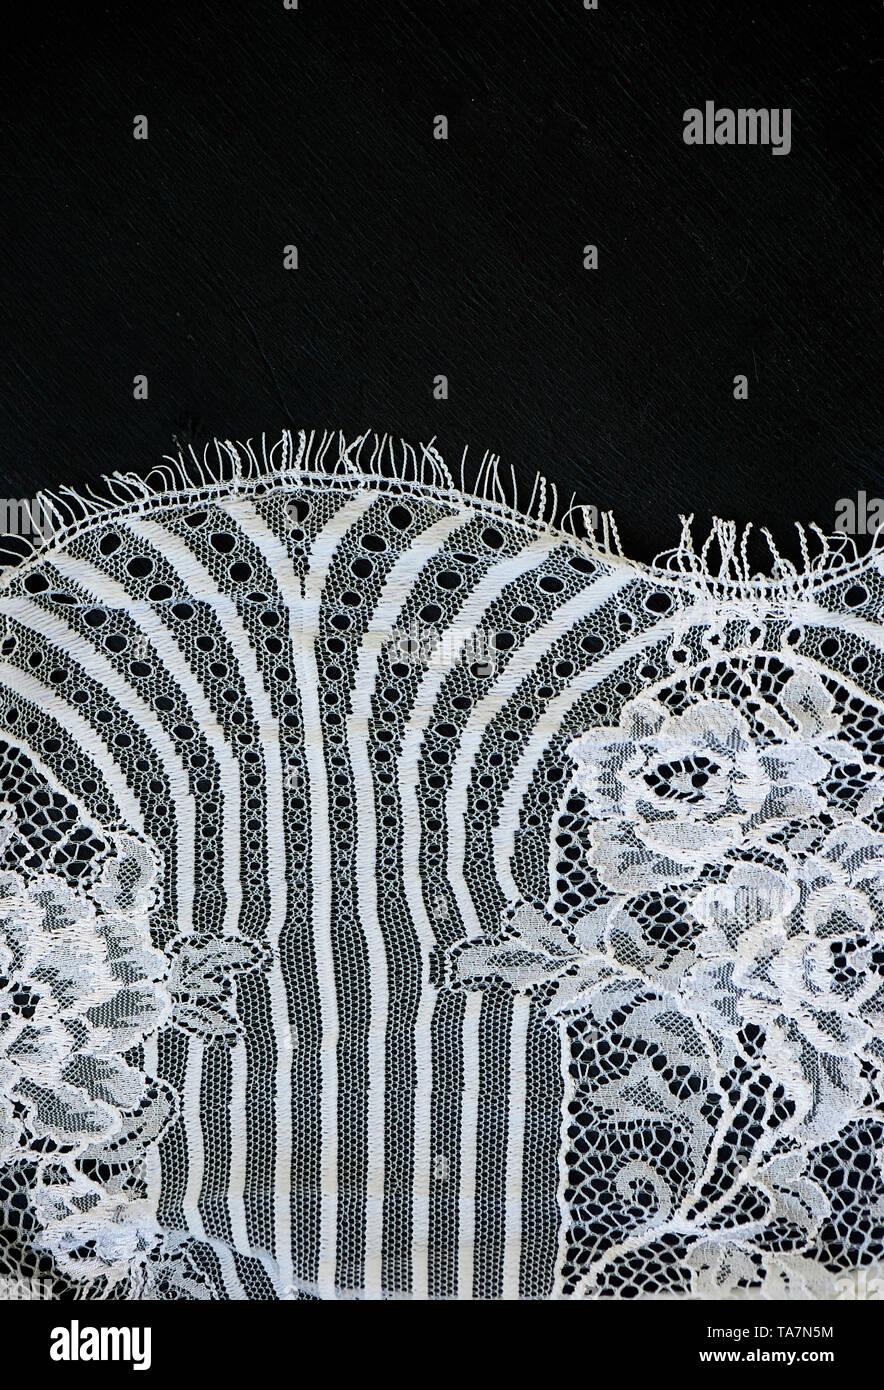 Weiße Spitze auf schwarzem Hintergrund. Die Textur ist in der Nähe. Stockbild